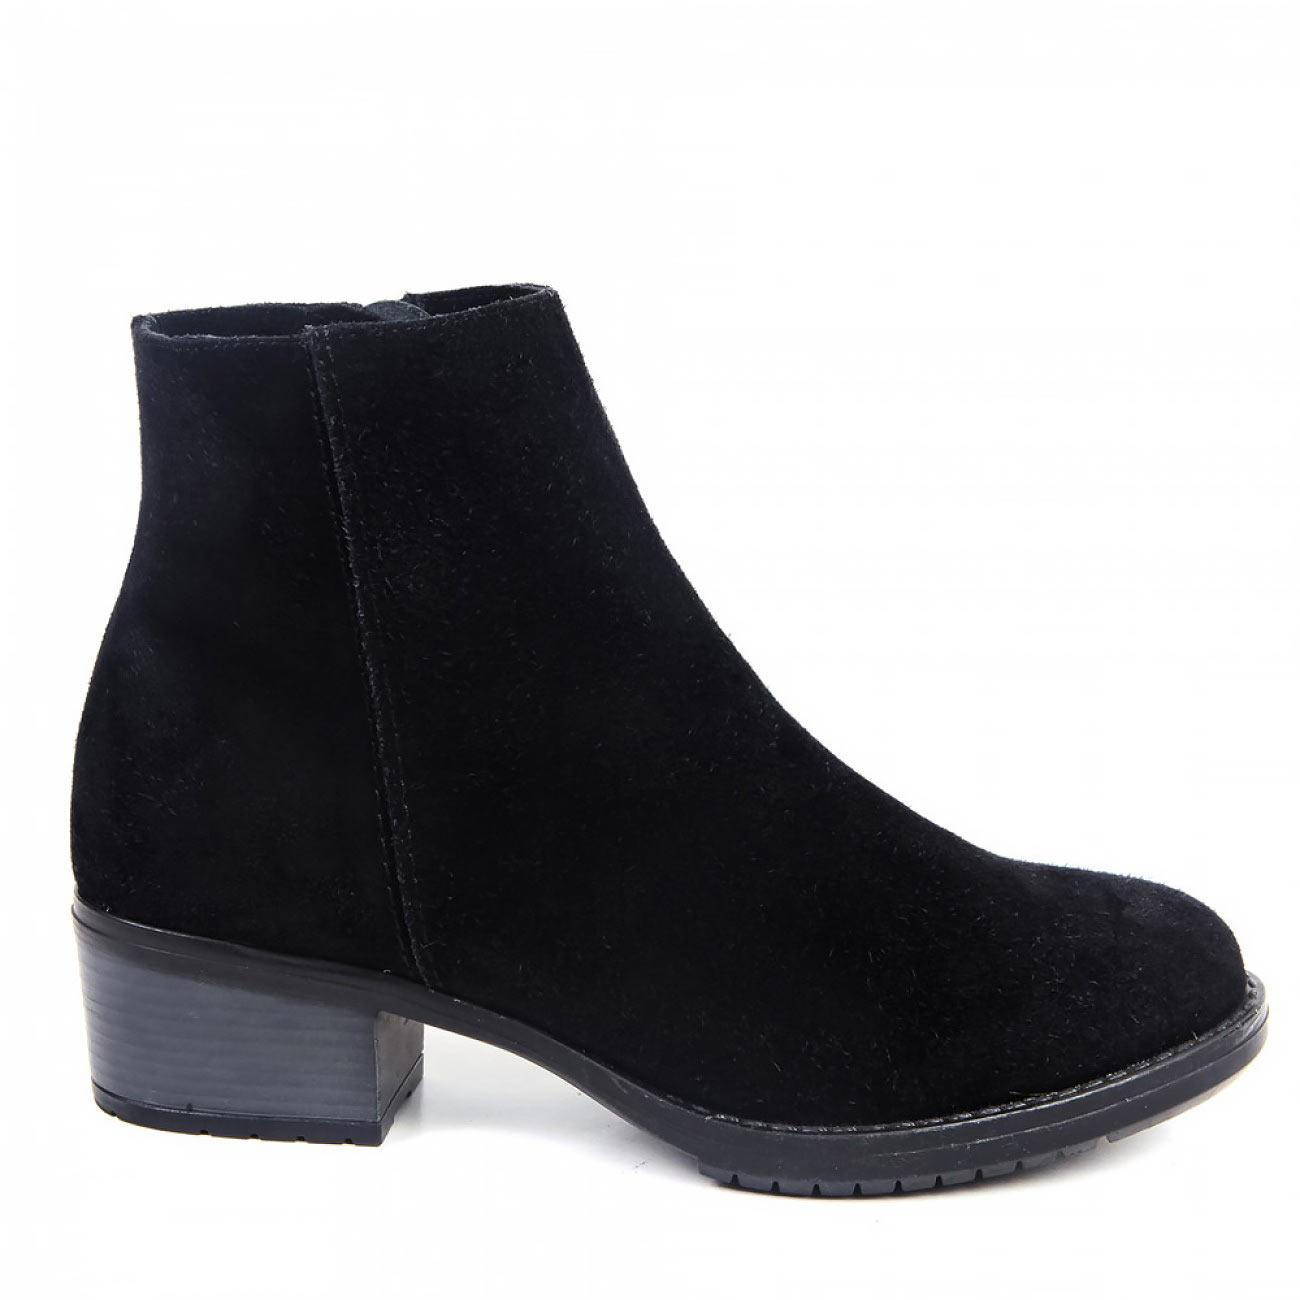 5bb1570aa832 Купить женские ботинки 5g2831 — цены в интернет-магазине